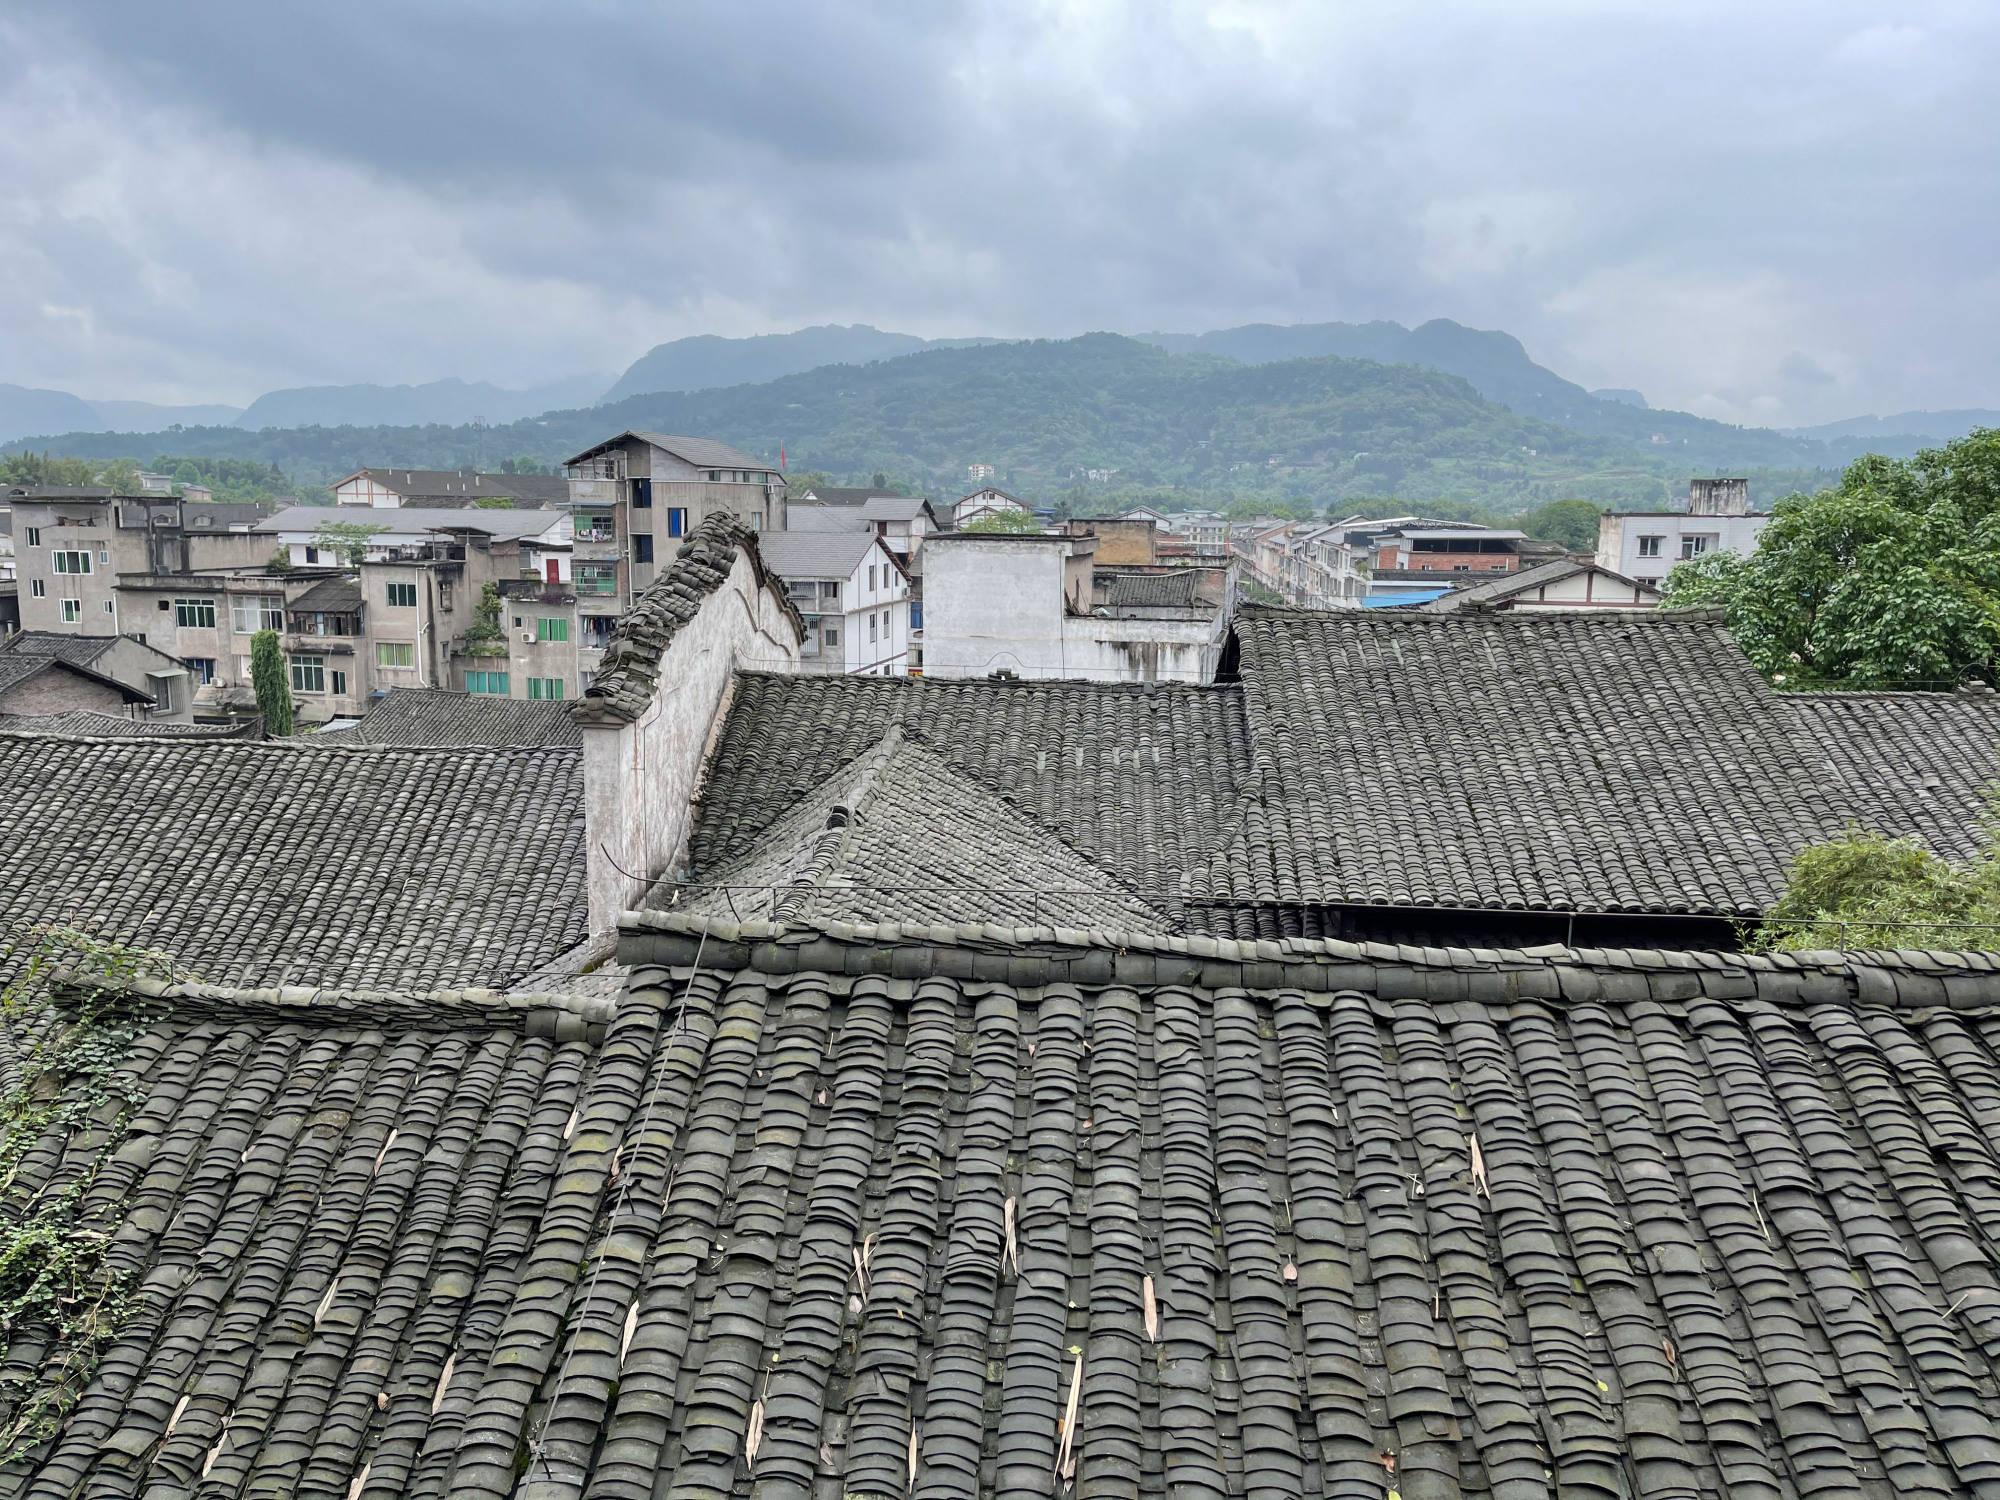 原创             成都周边的江南建筑,多部影视大片拍摄地,探寻电影中的记忆情怀